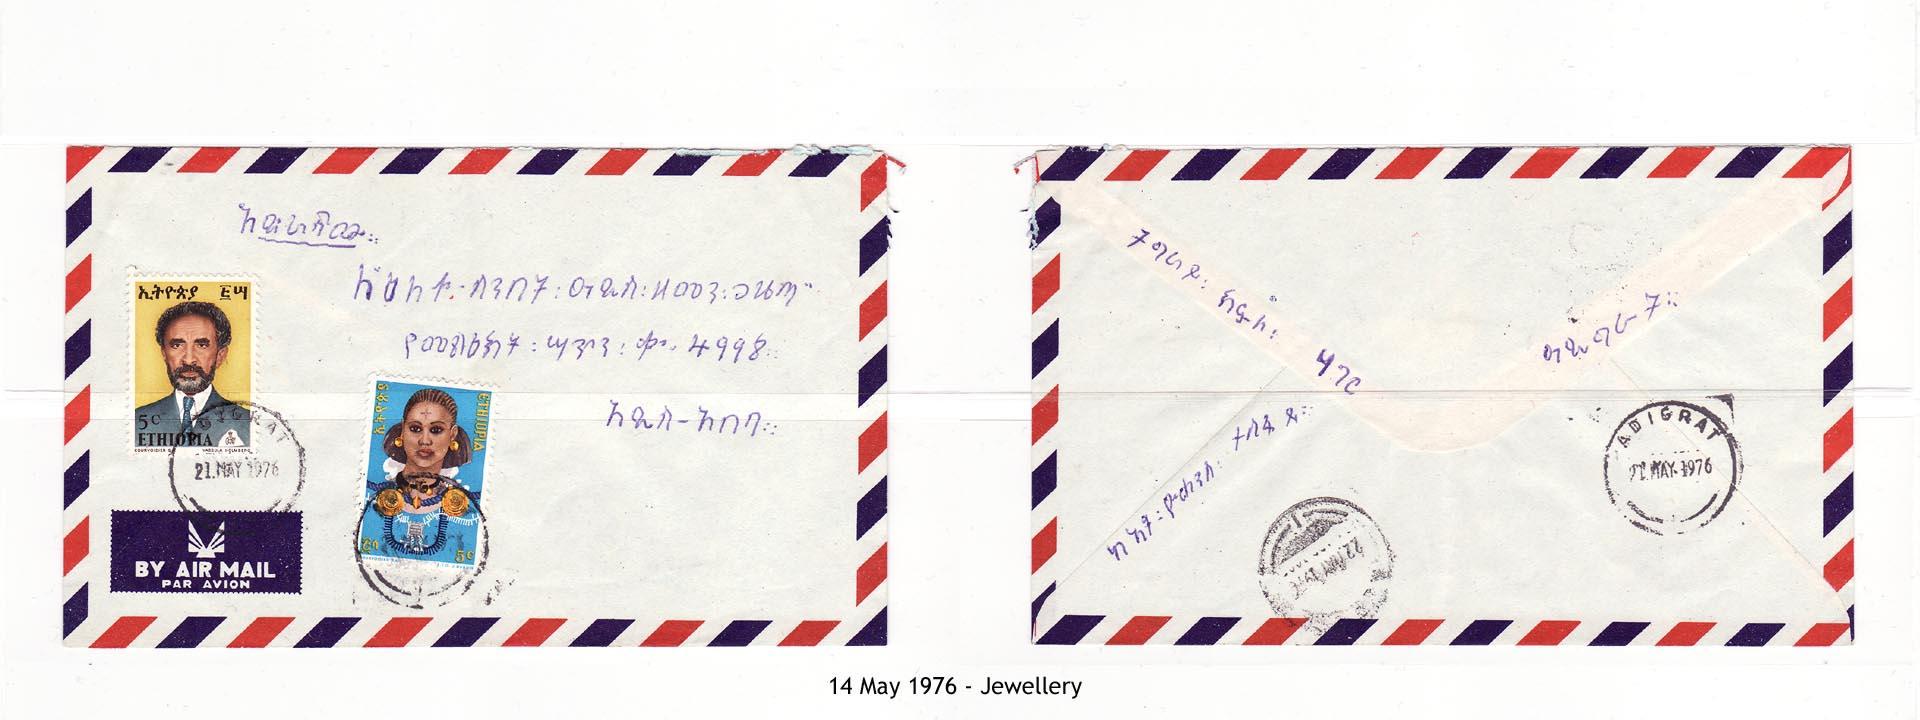 19760514 - Jewellery